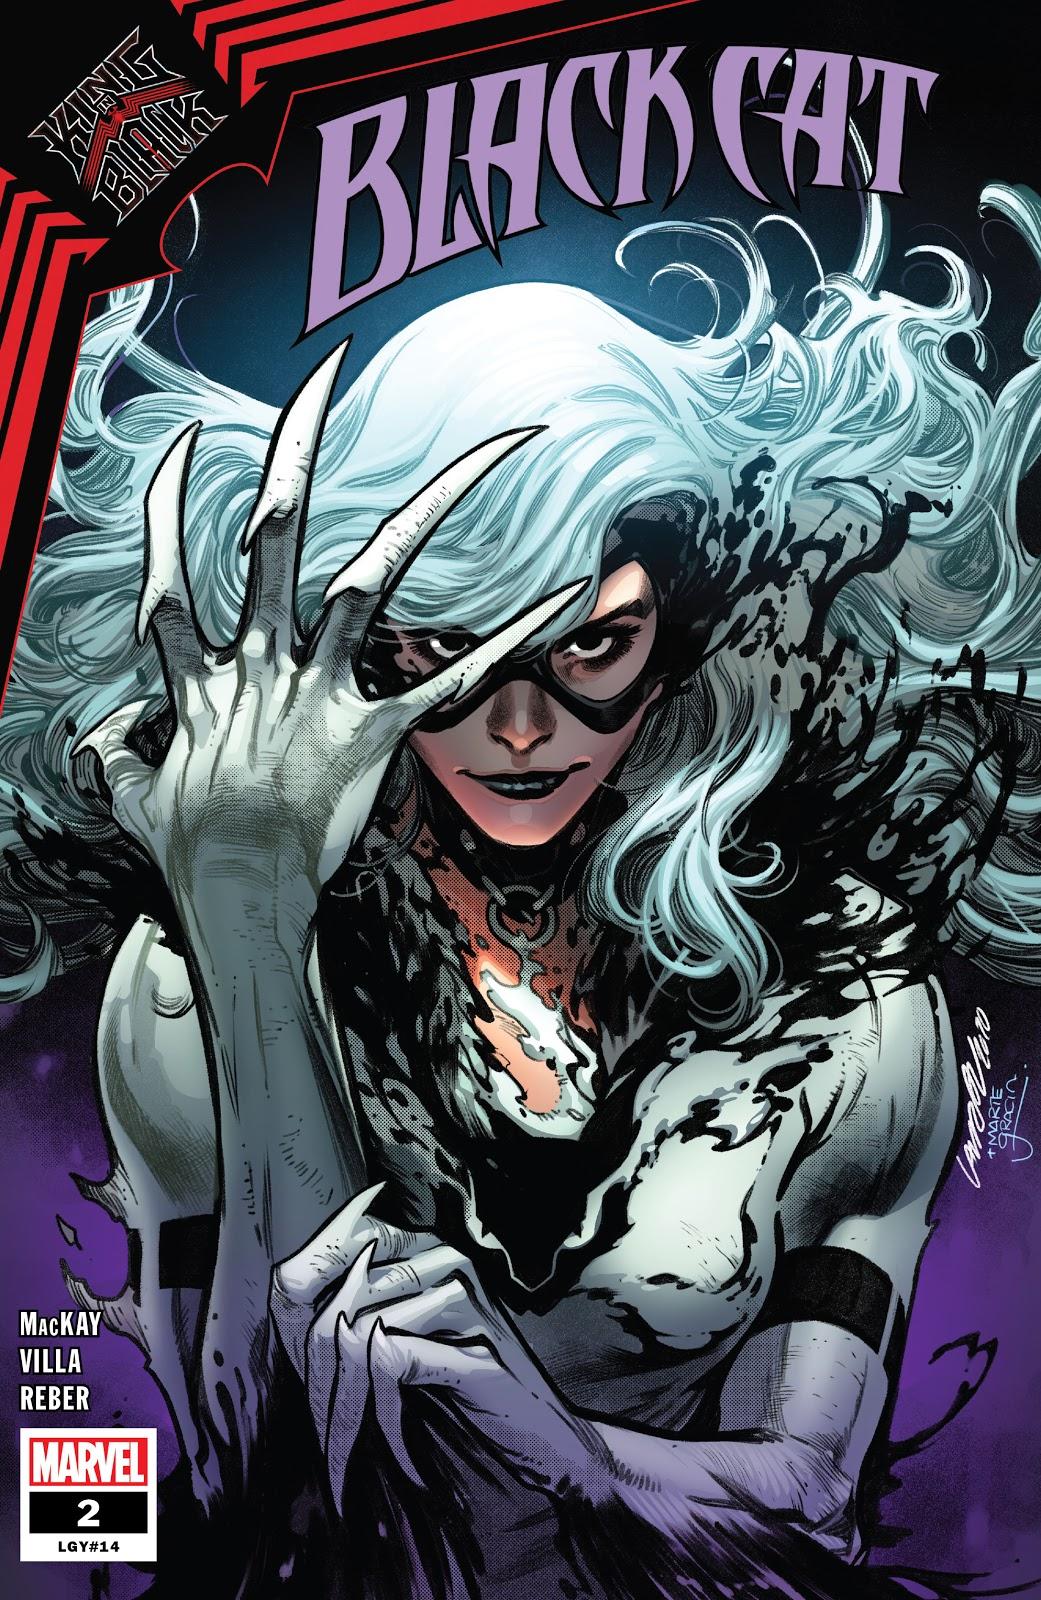 Black Cats and Green Bats: Black Cat #2 Comic BookRecap.